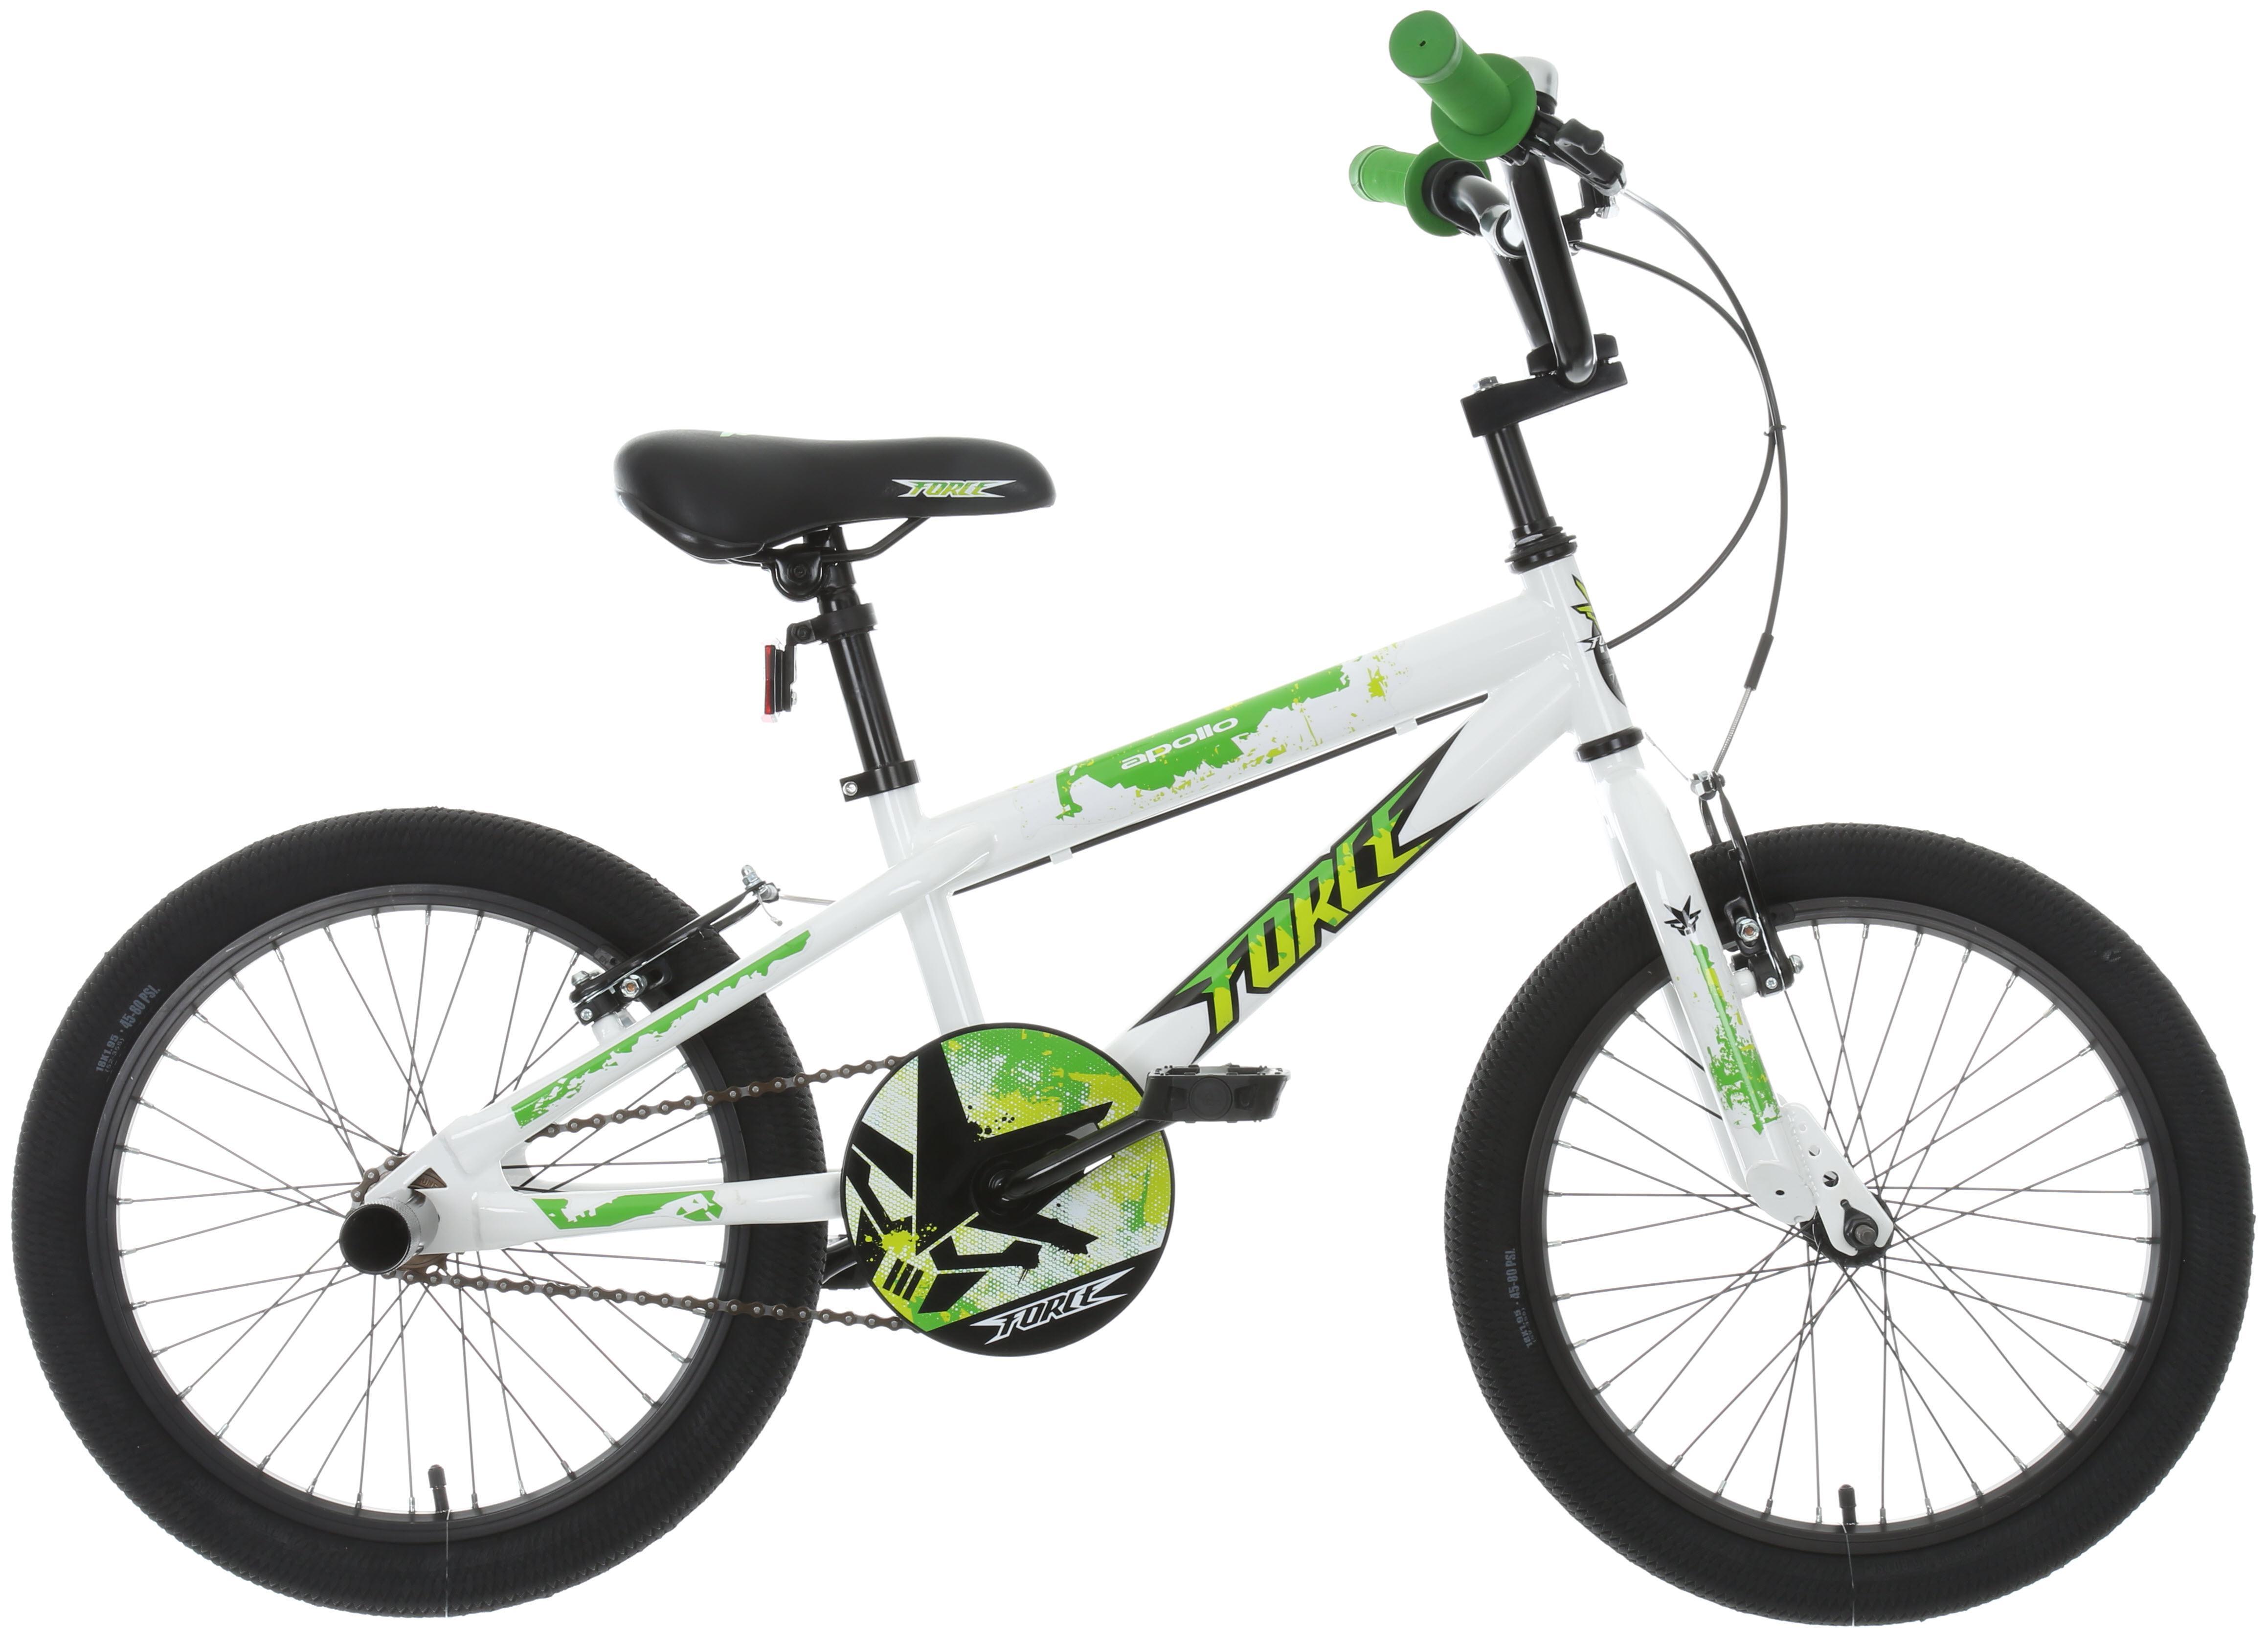 Apollo Force Kids Bike - 18 inch